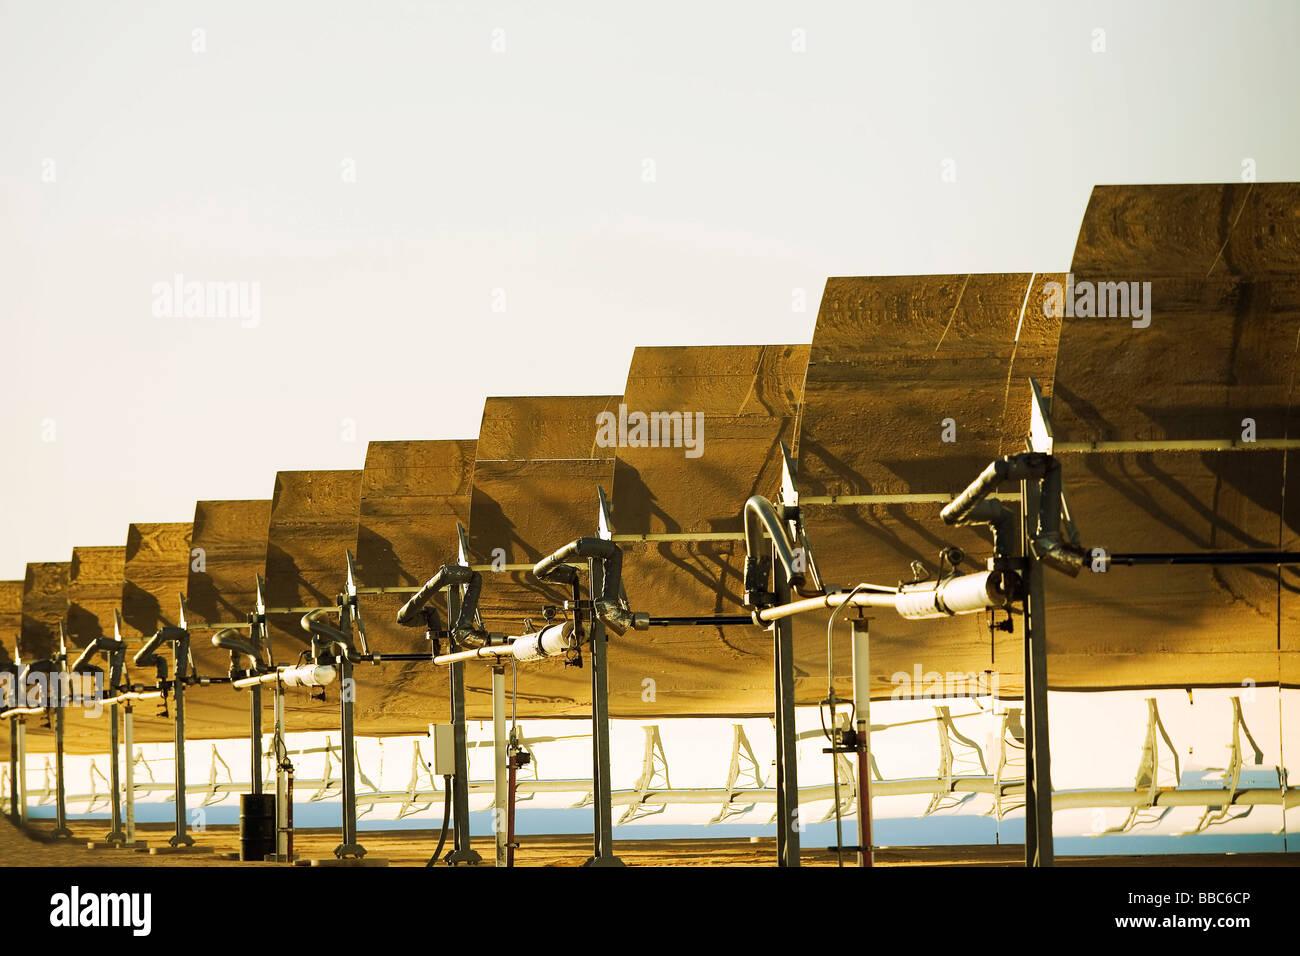 L'usine de production d'électricité solaire Photo Stock